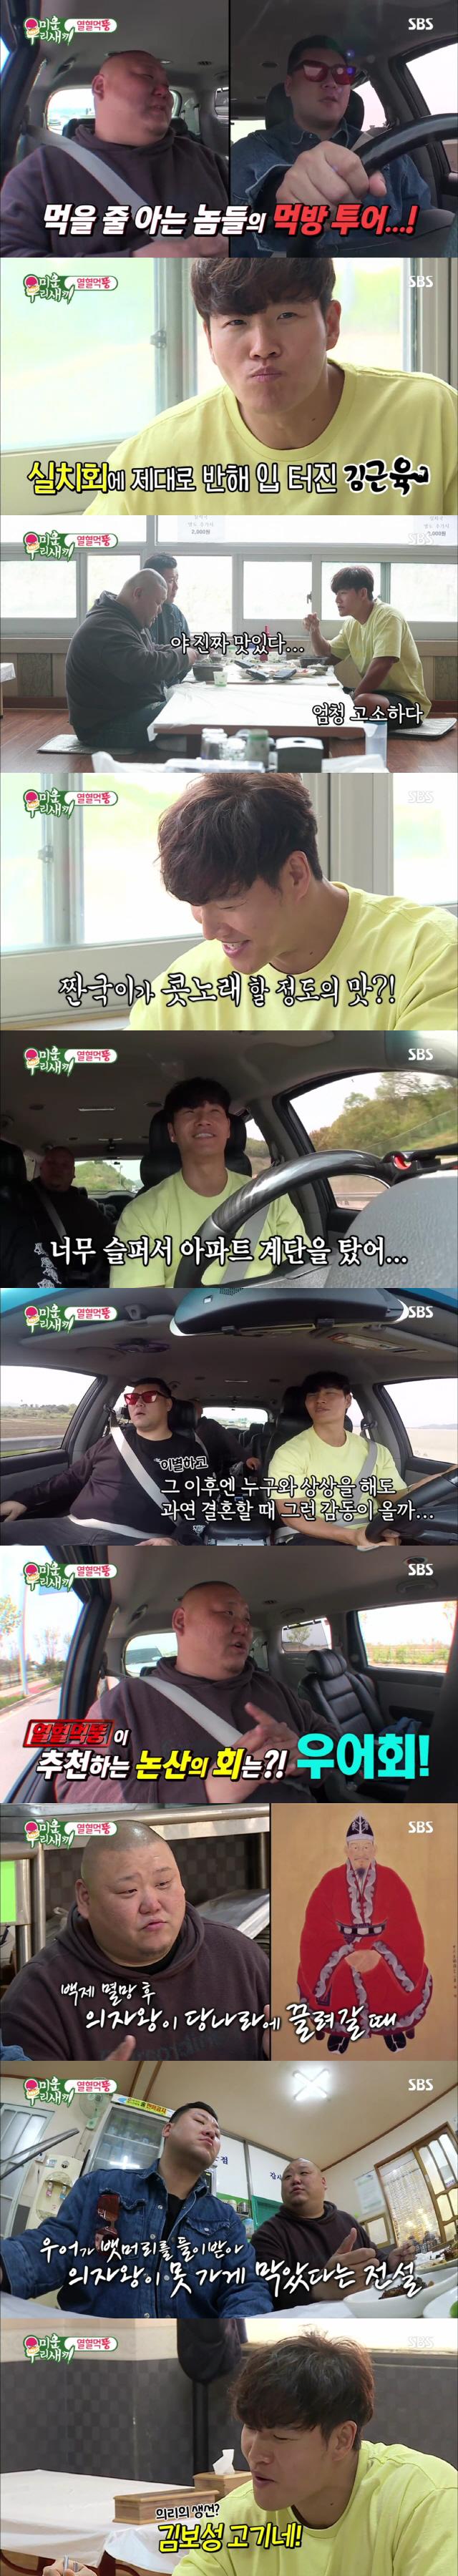 '미운 우리 새끼' 김종국, 실치회X우어회 열혈 먹방..콧노래까지 '최고의 1분'